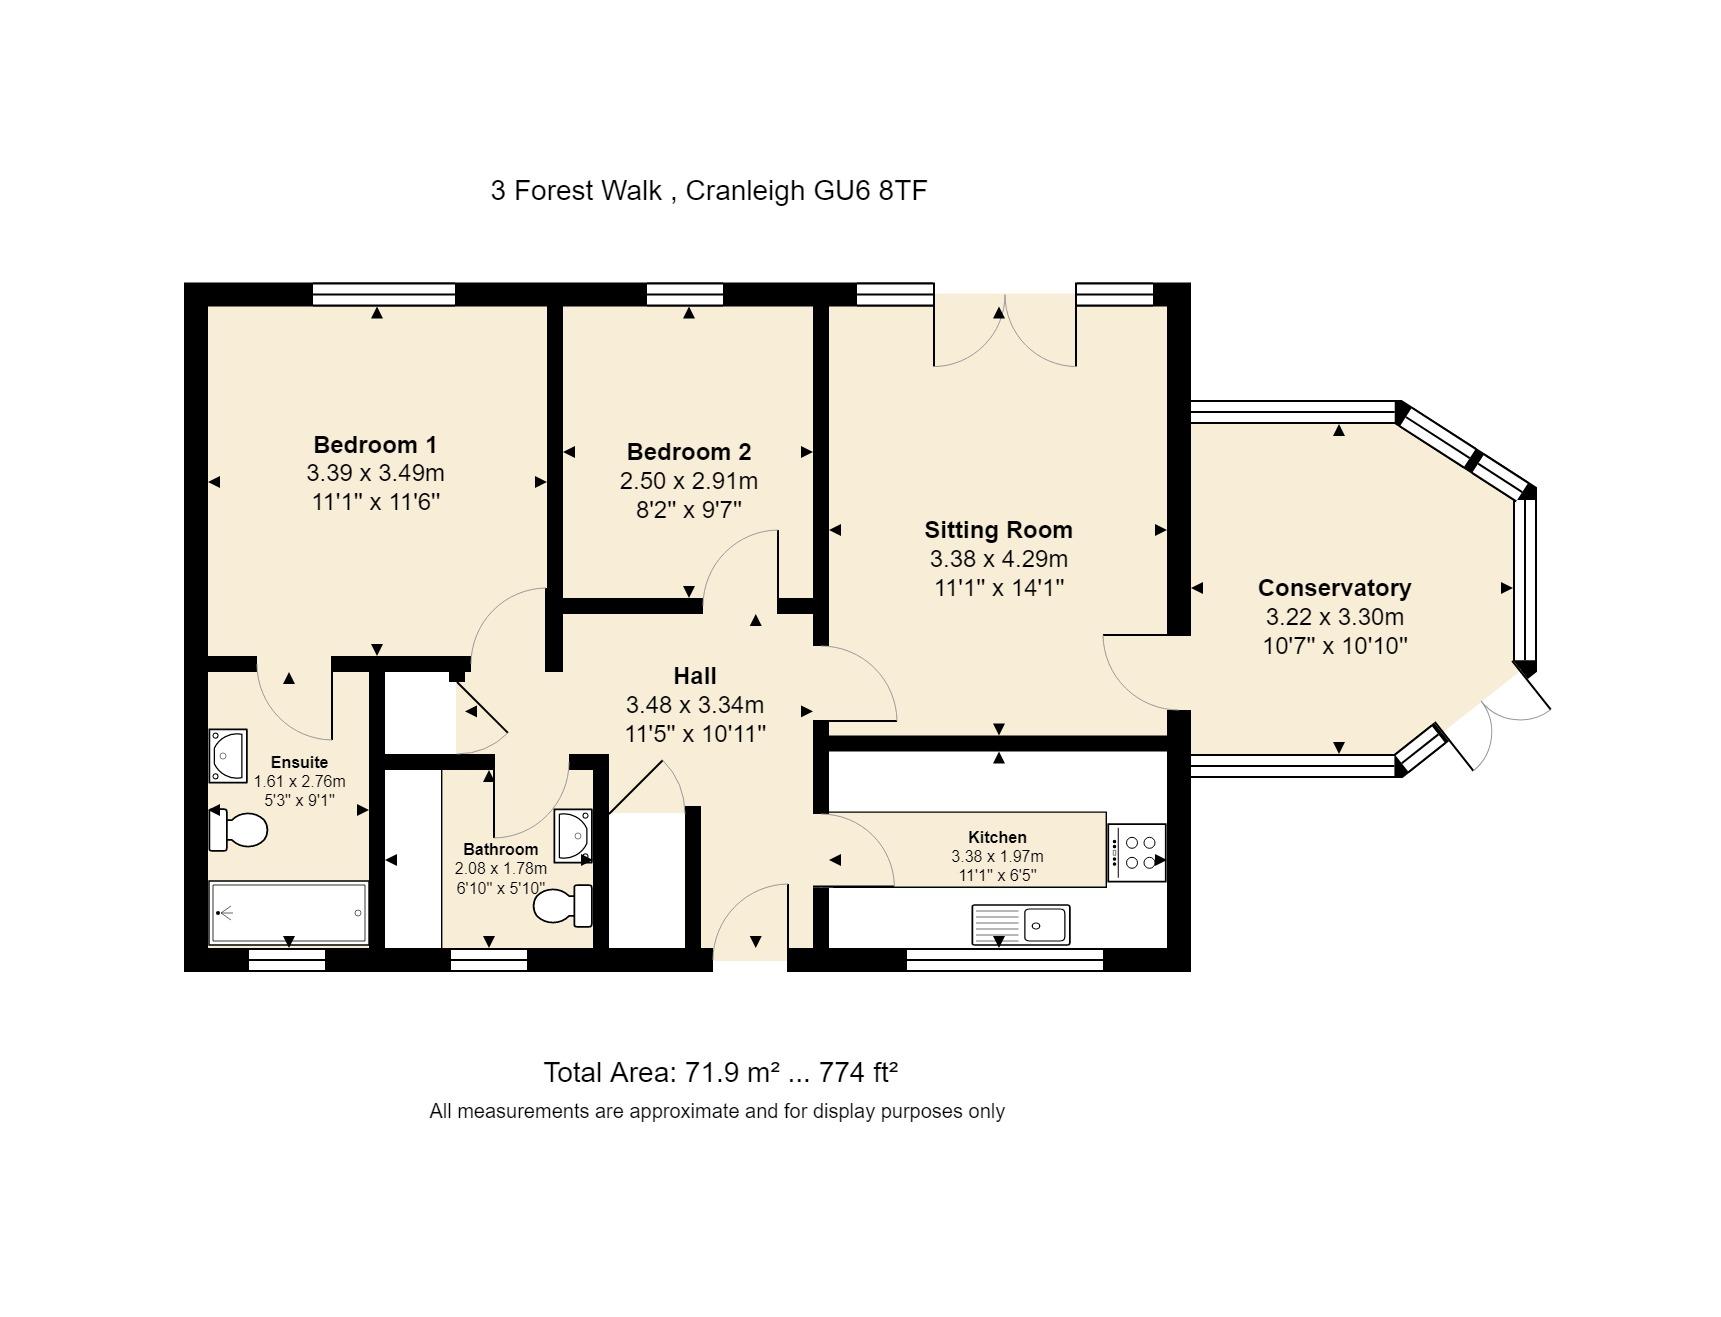 3 Forest Walk Floorplan